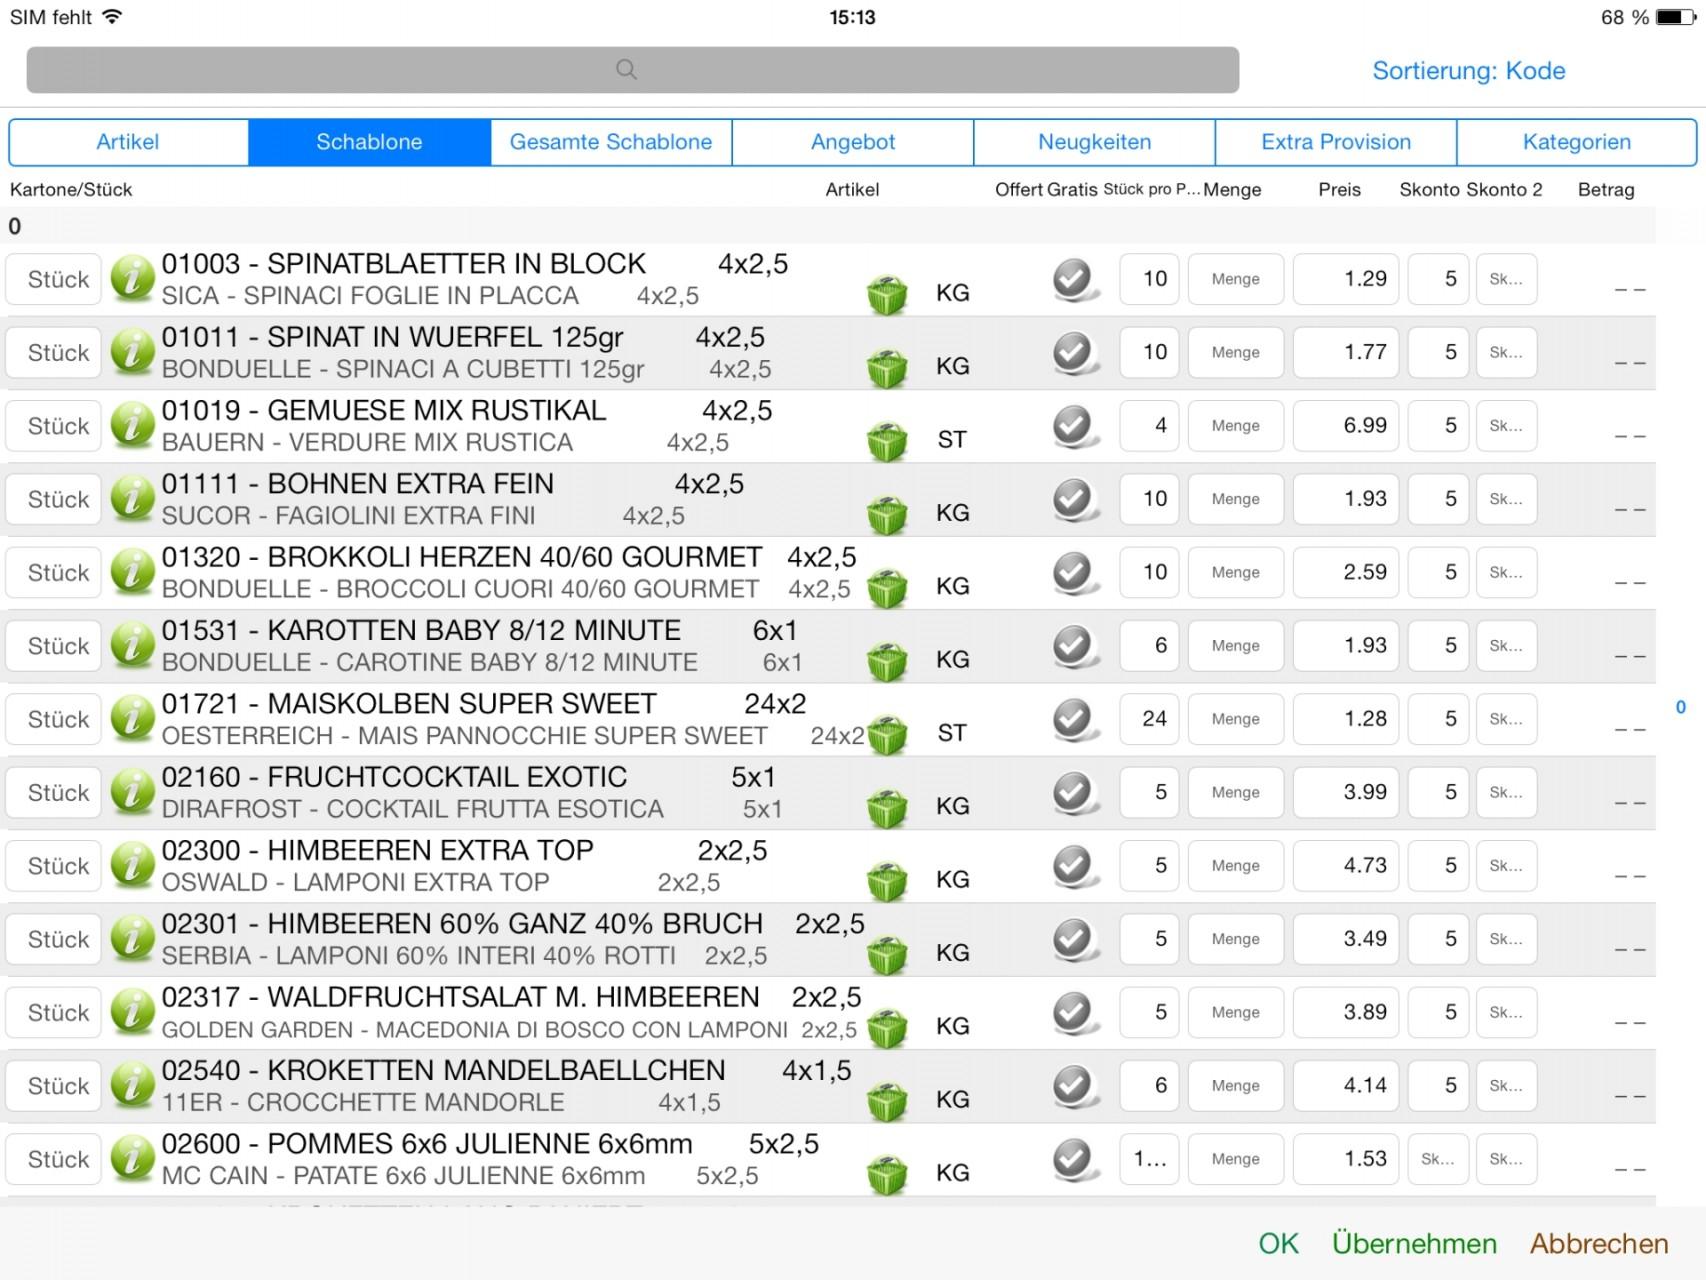 Artikelauswahl über Schablonen (Auswahllisten)